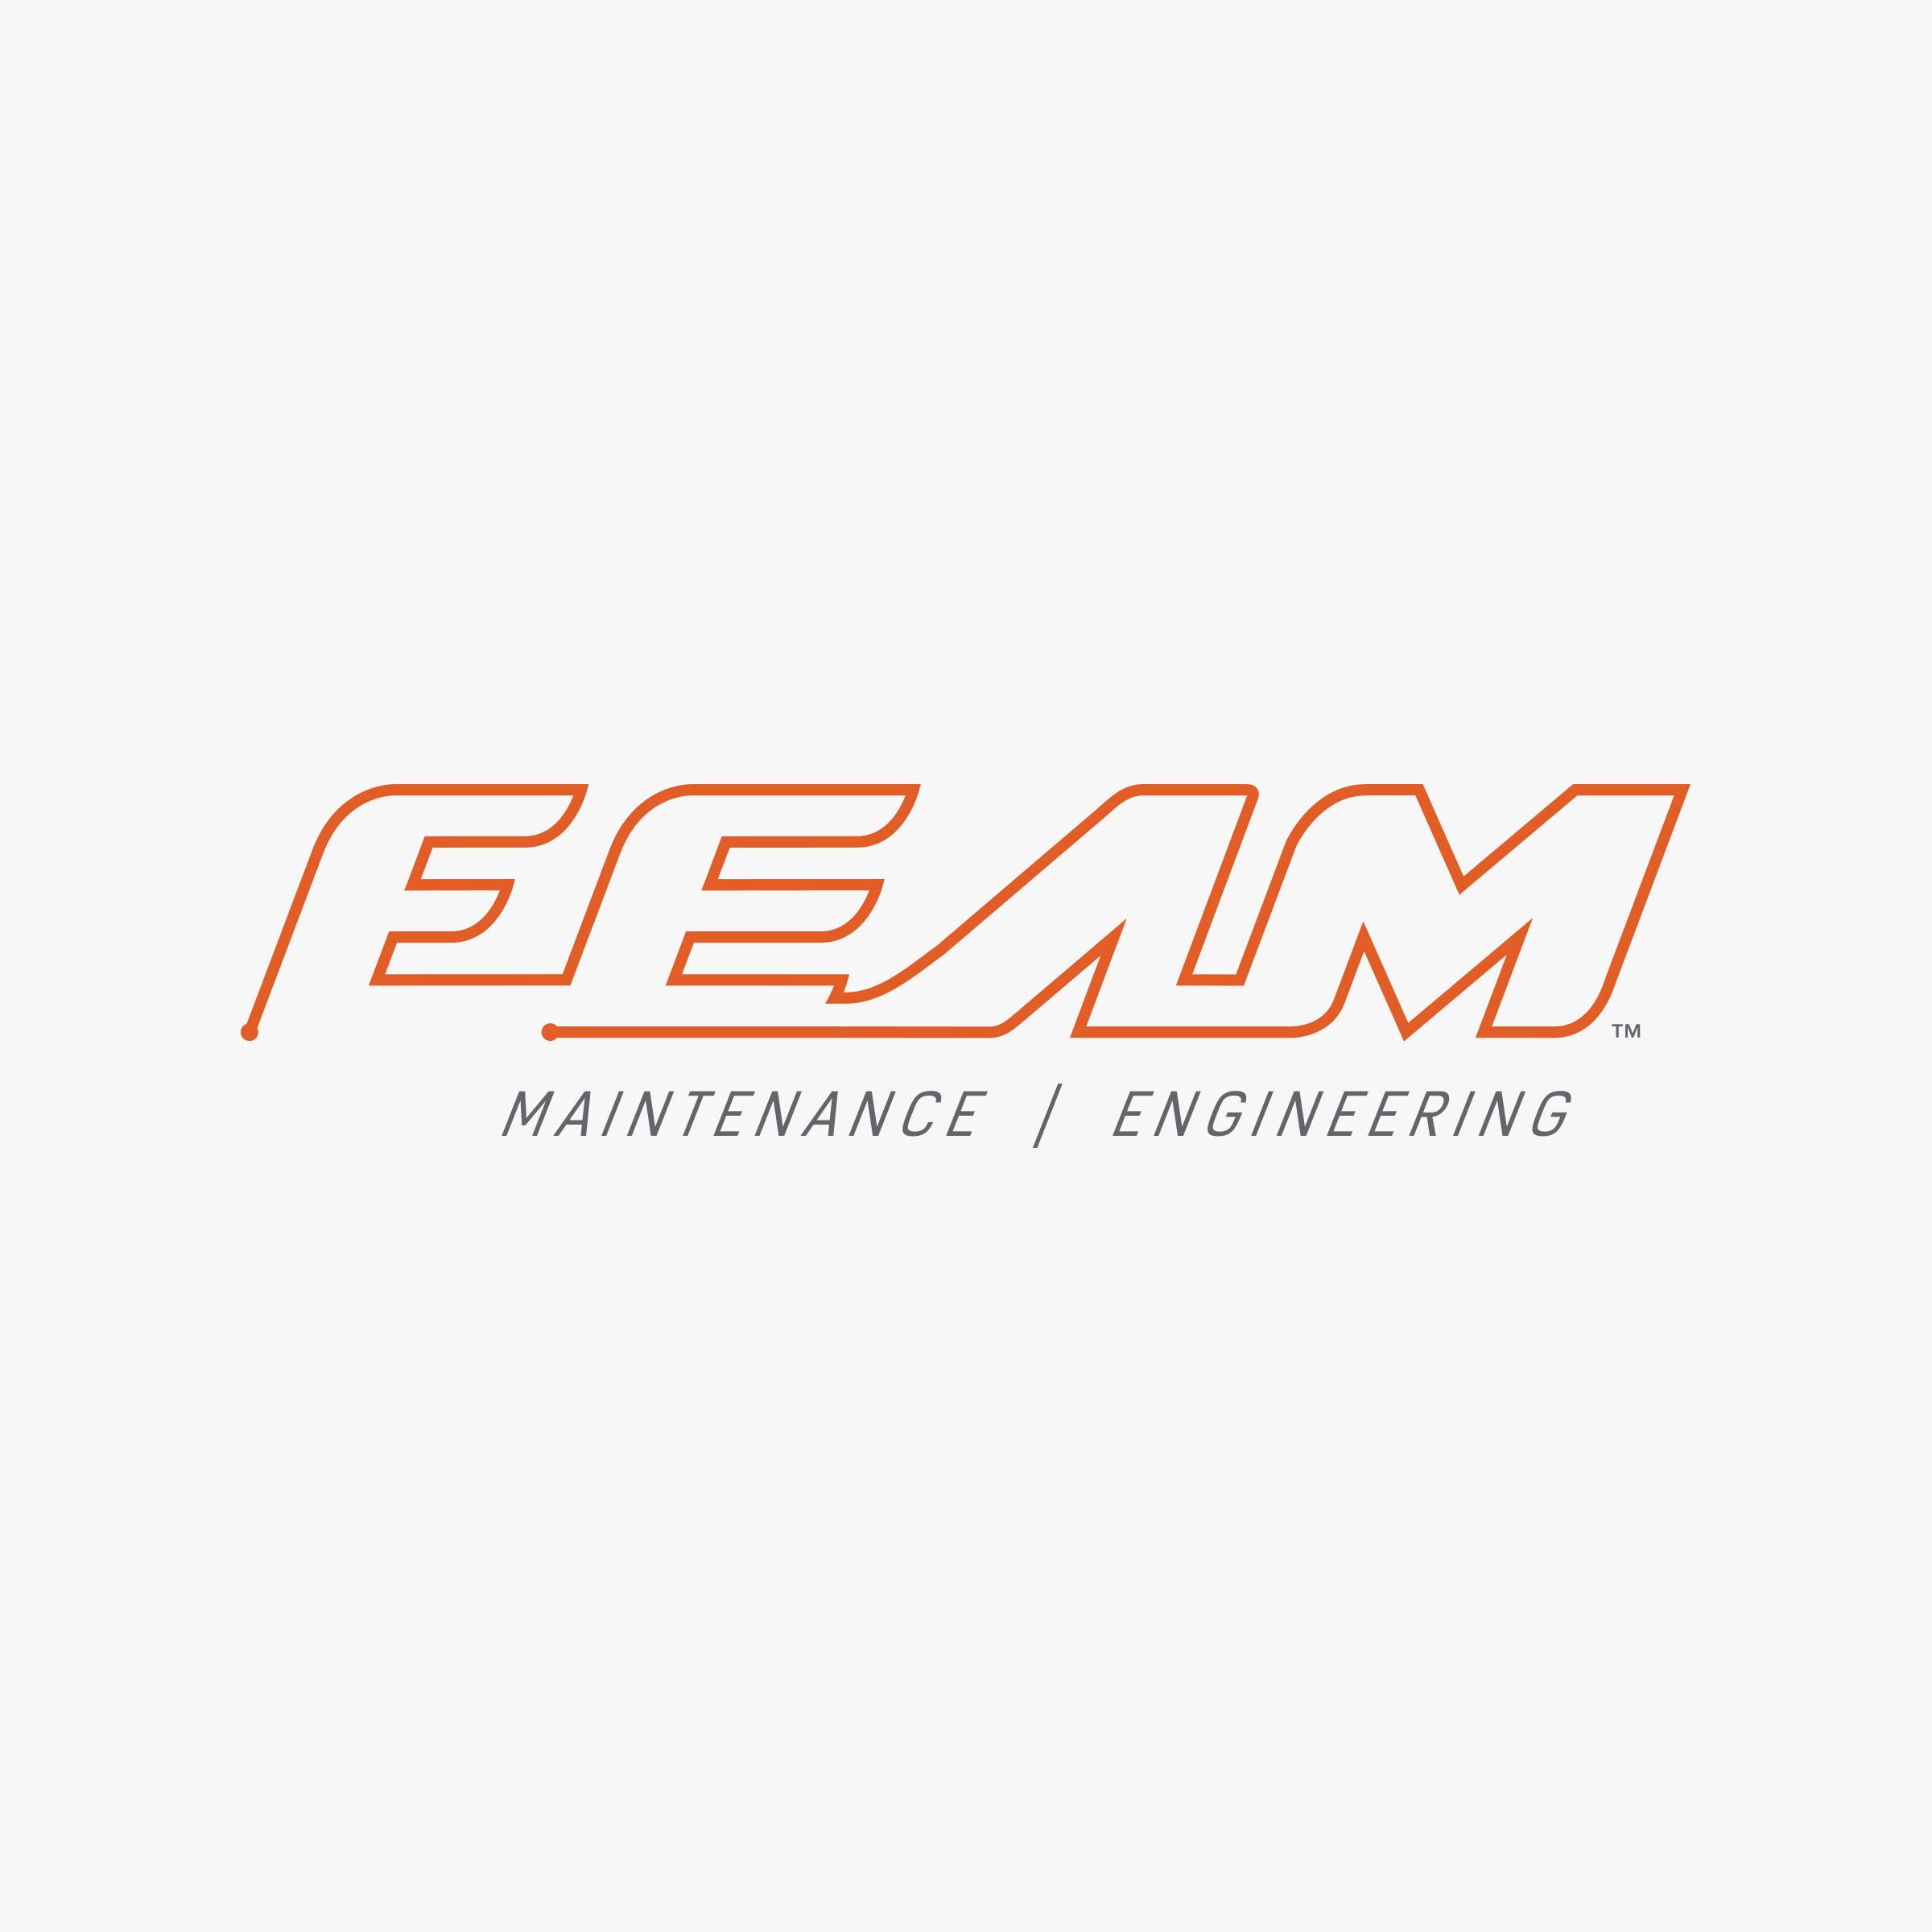 feam-2logo-design-by-create.jpg